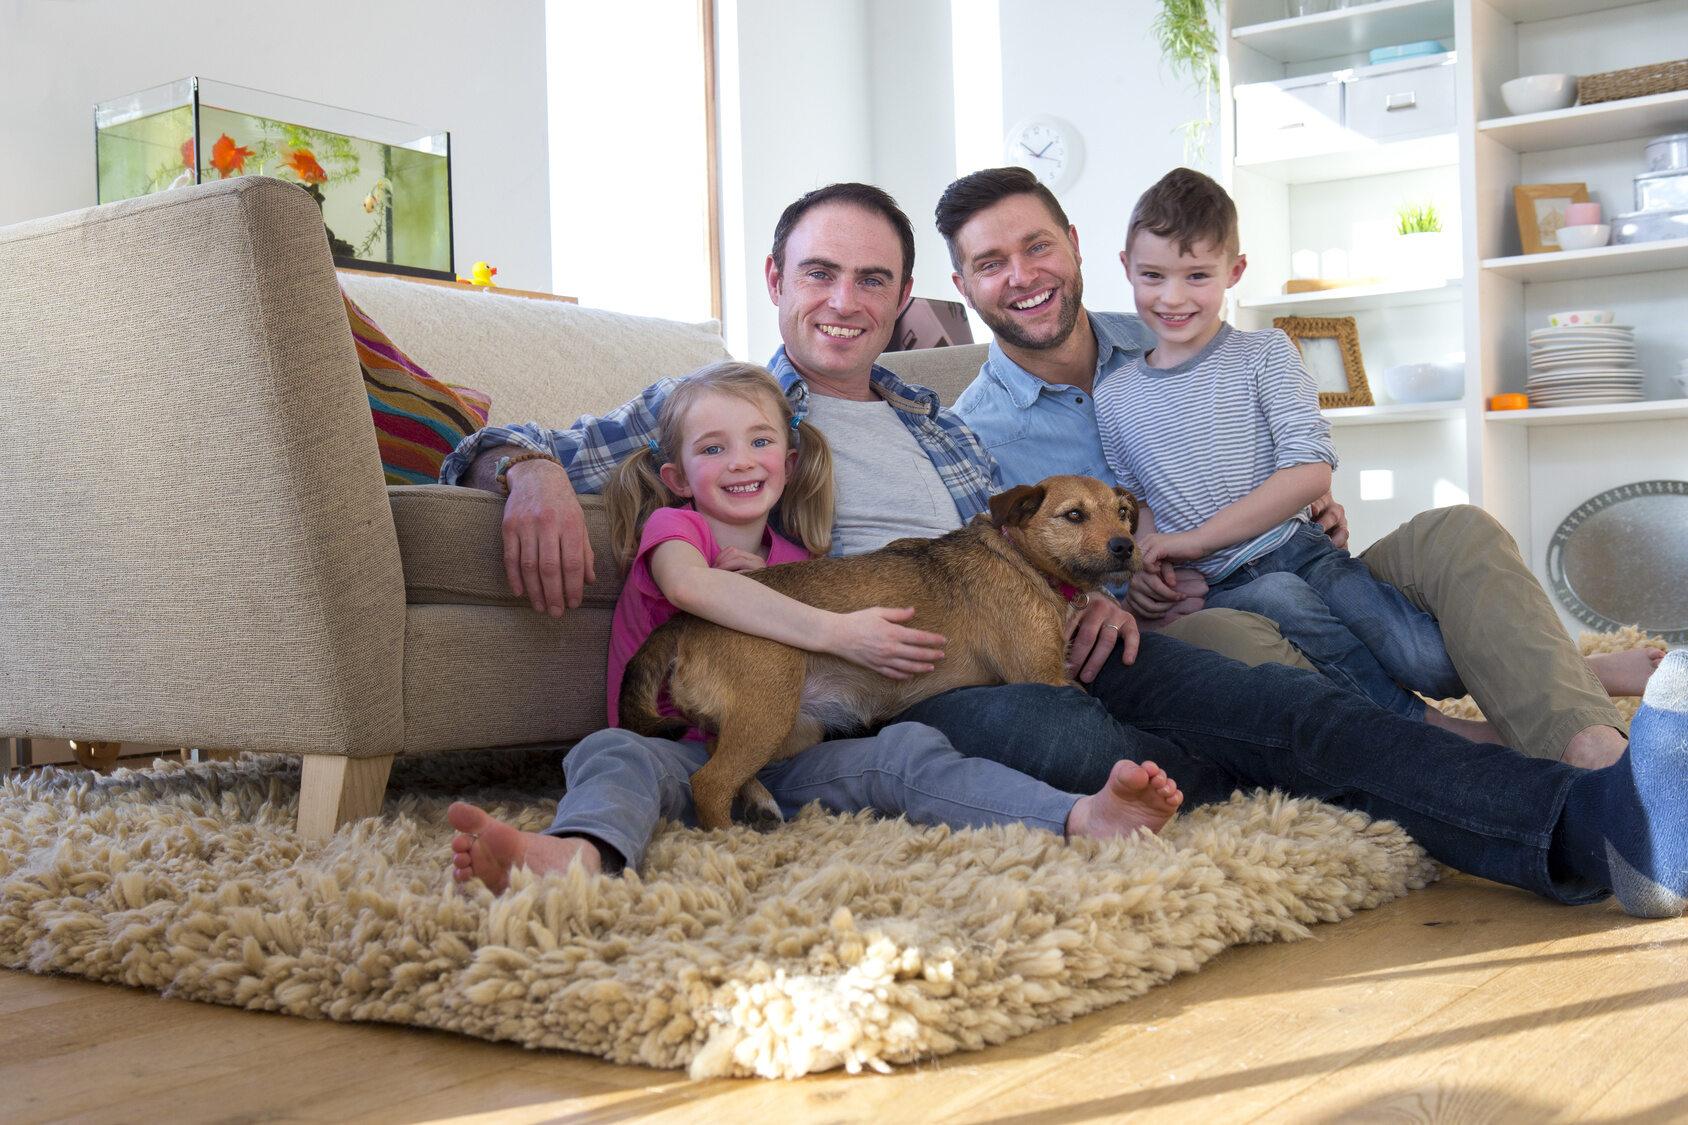 Homoseksualna para z dziećmi, zdjęcie ilustracyjne